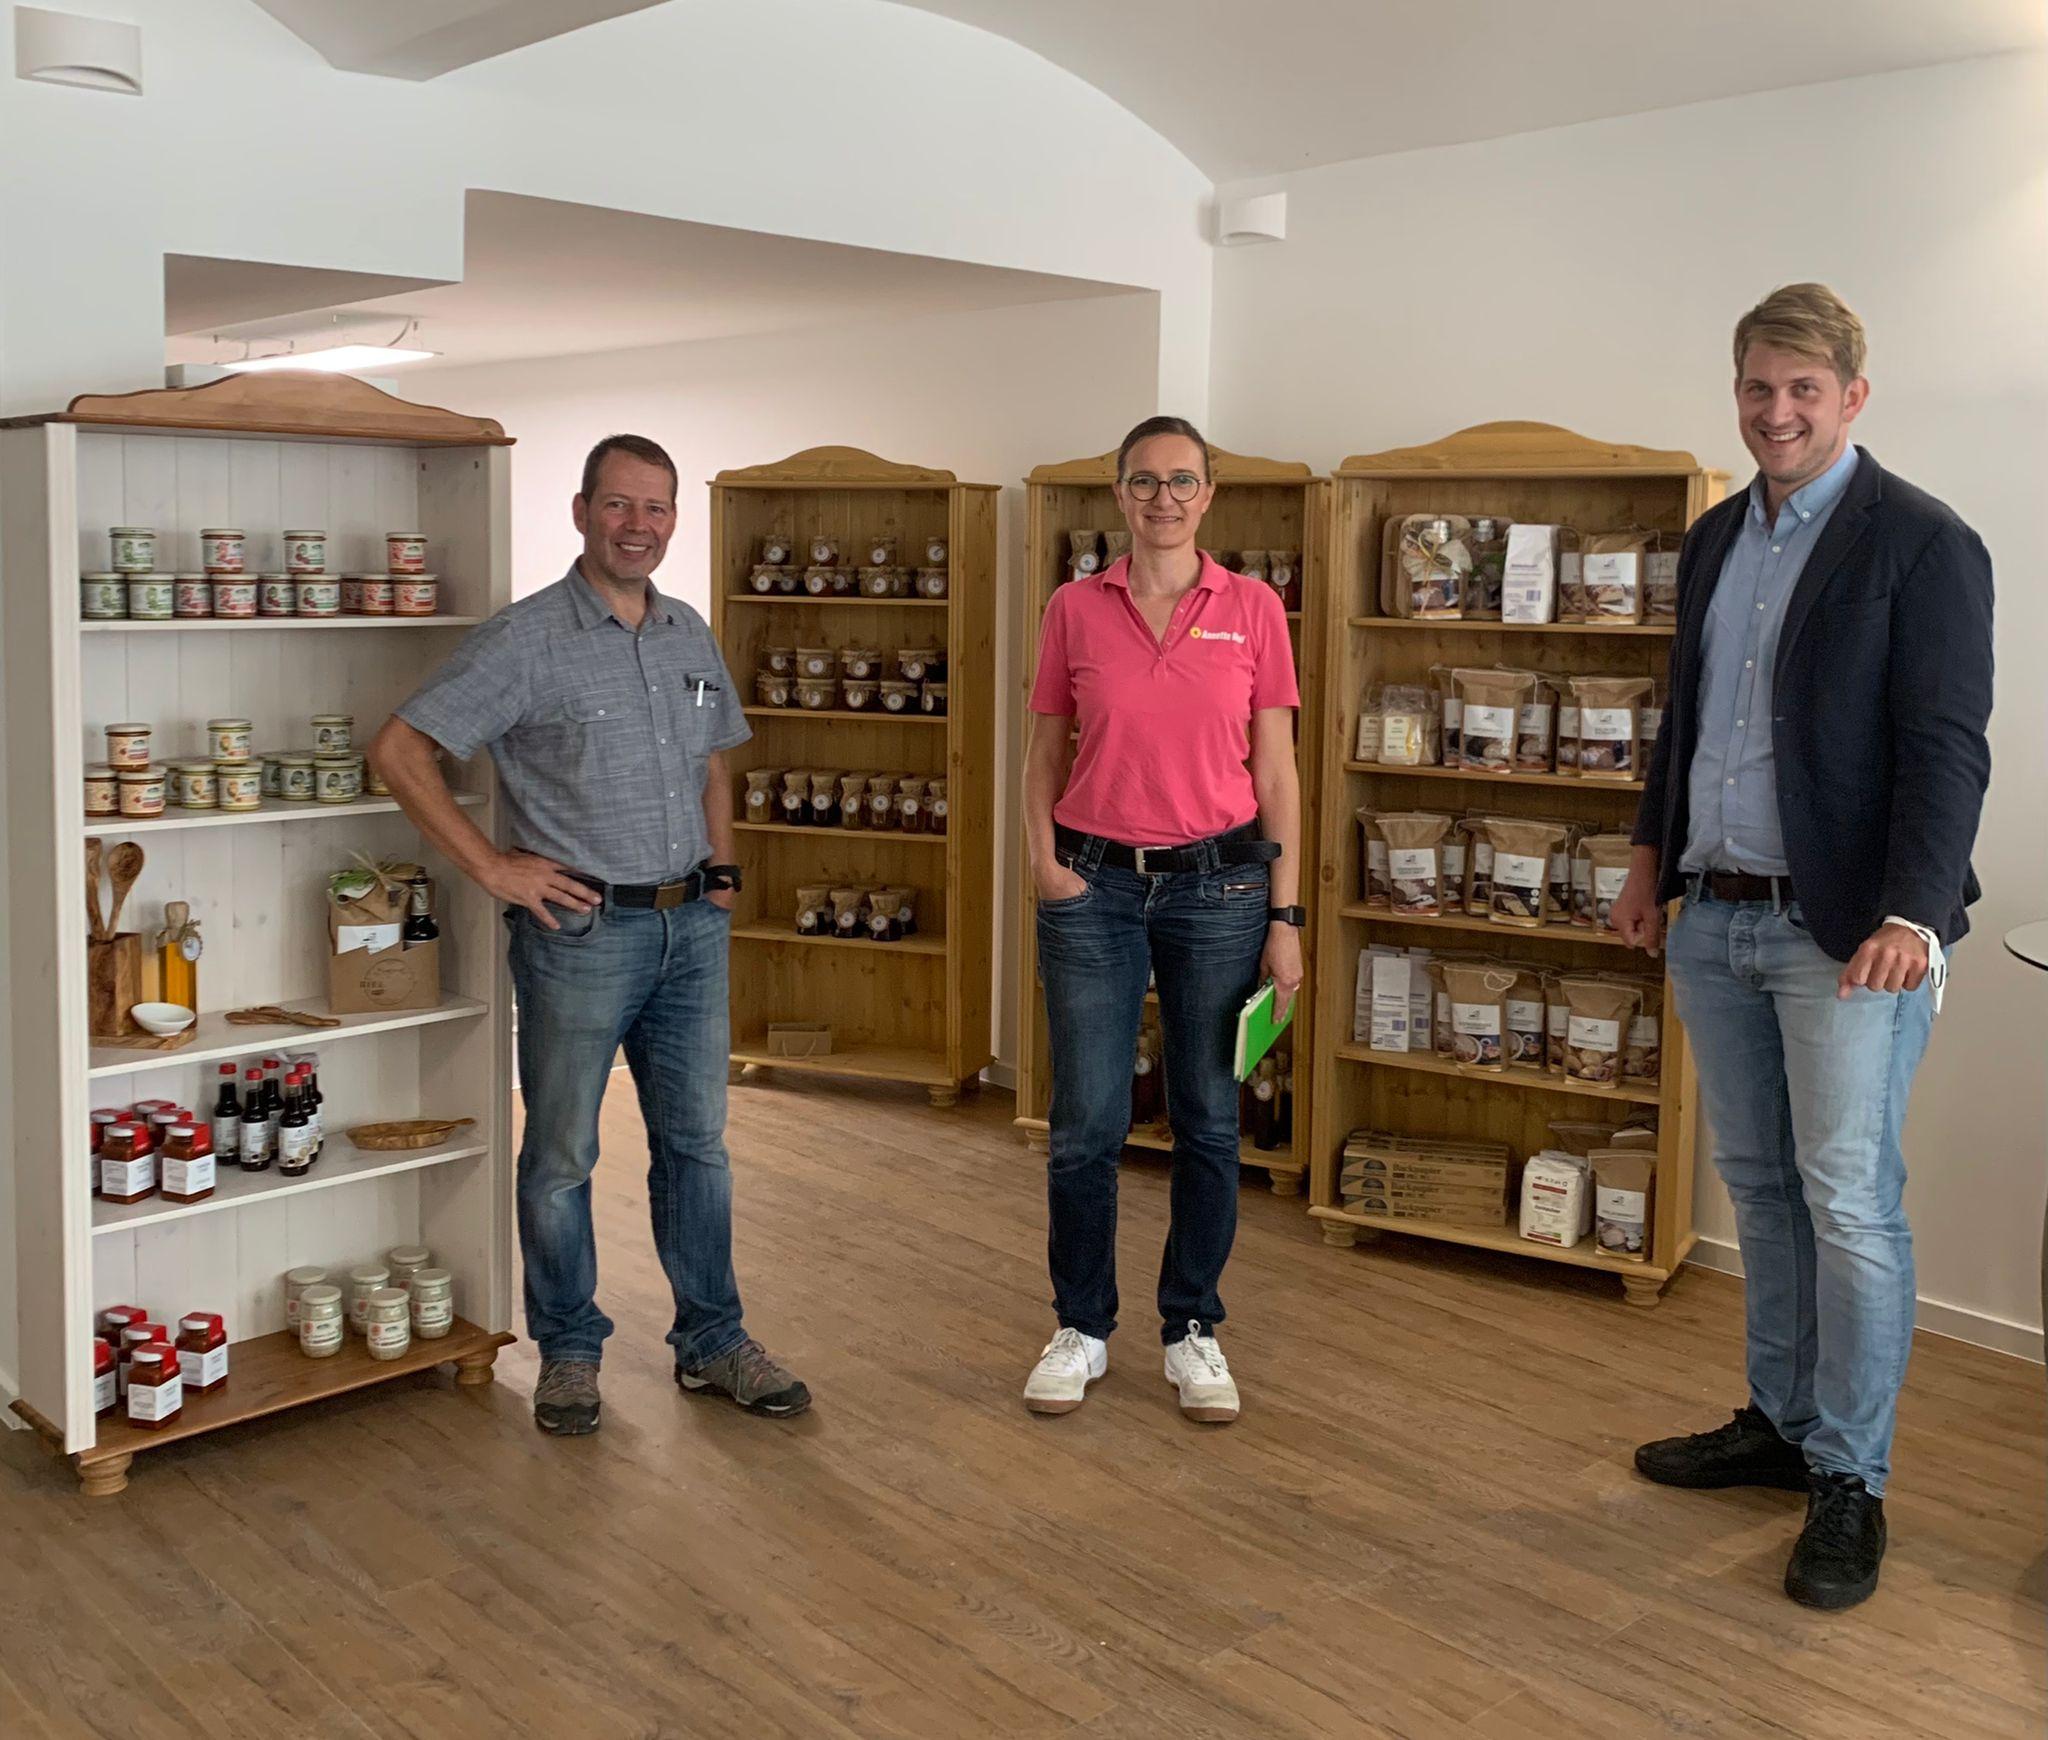 Grüner Besuch im Unverpackt-Laden in Mühlheim